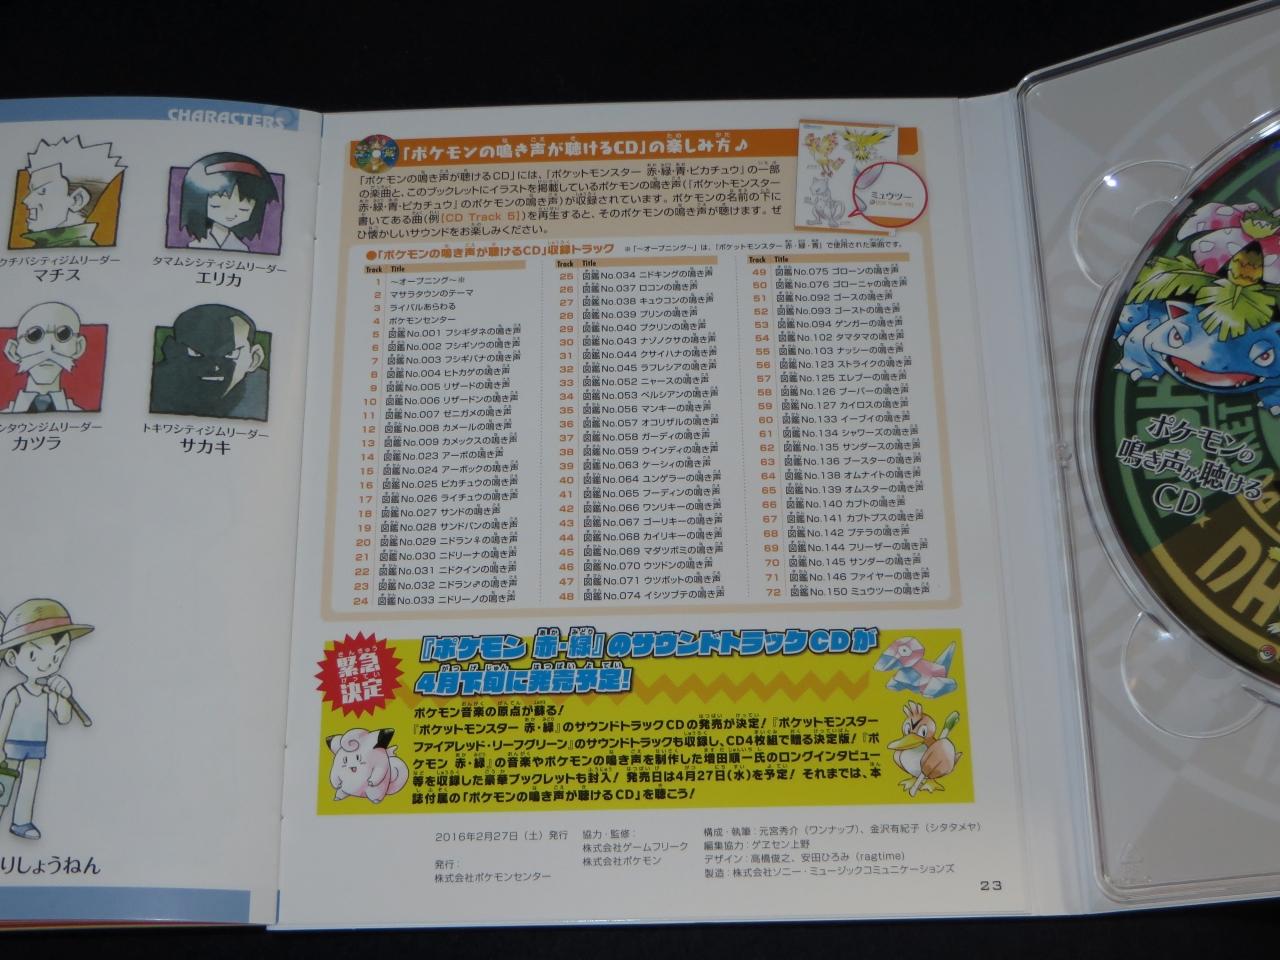 ポケモン青届いた!! 「ポケモン赤・緑」のサントラが発売決定